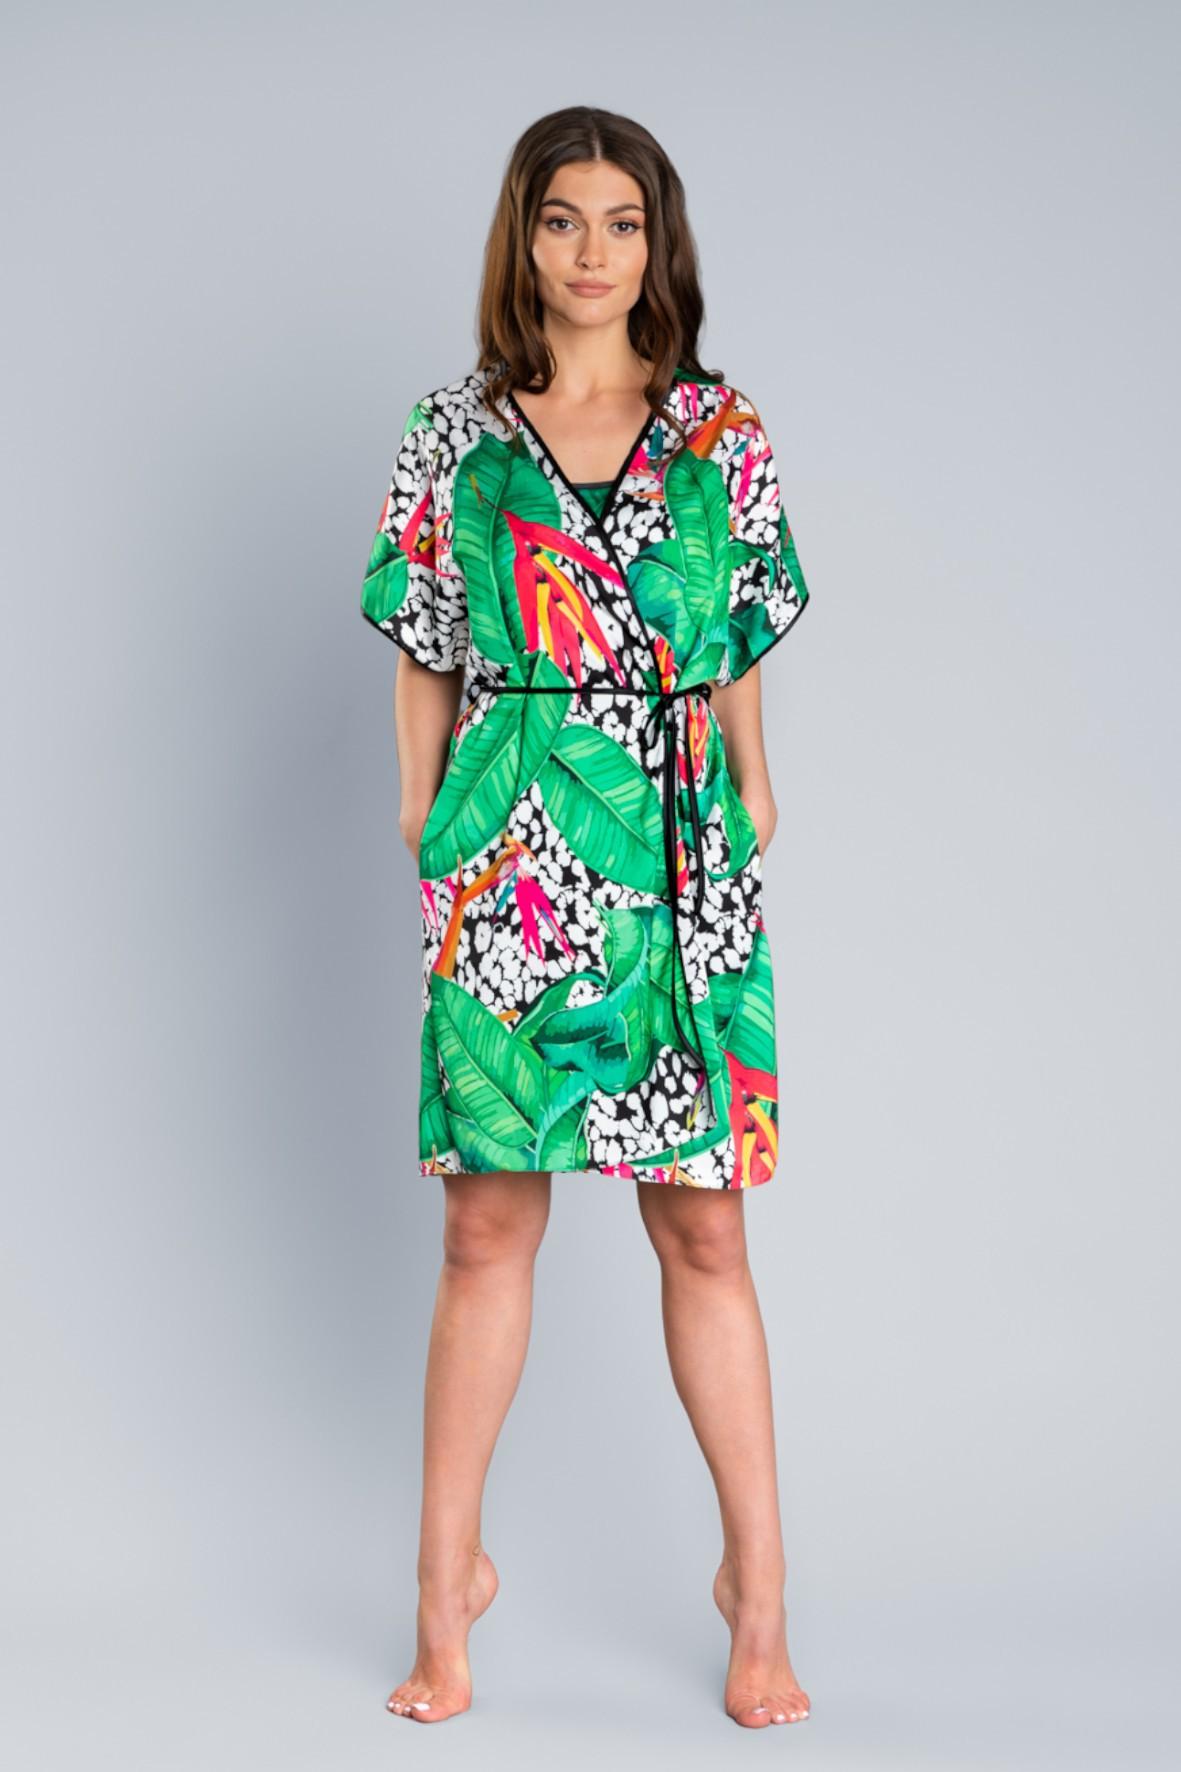 Wielkokolorowy szlafrok damski na krótki rękaw Italian Fashion